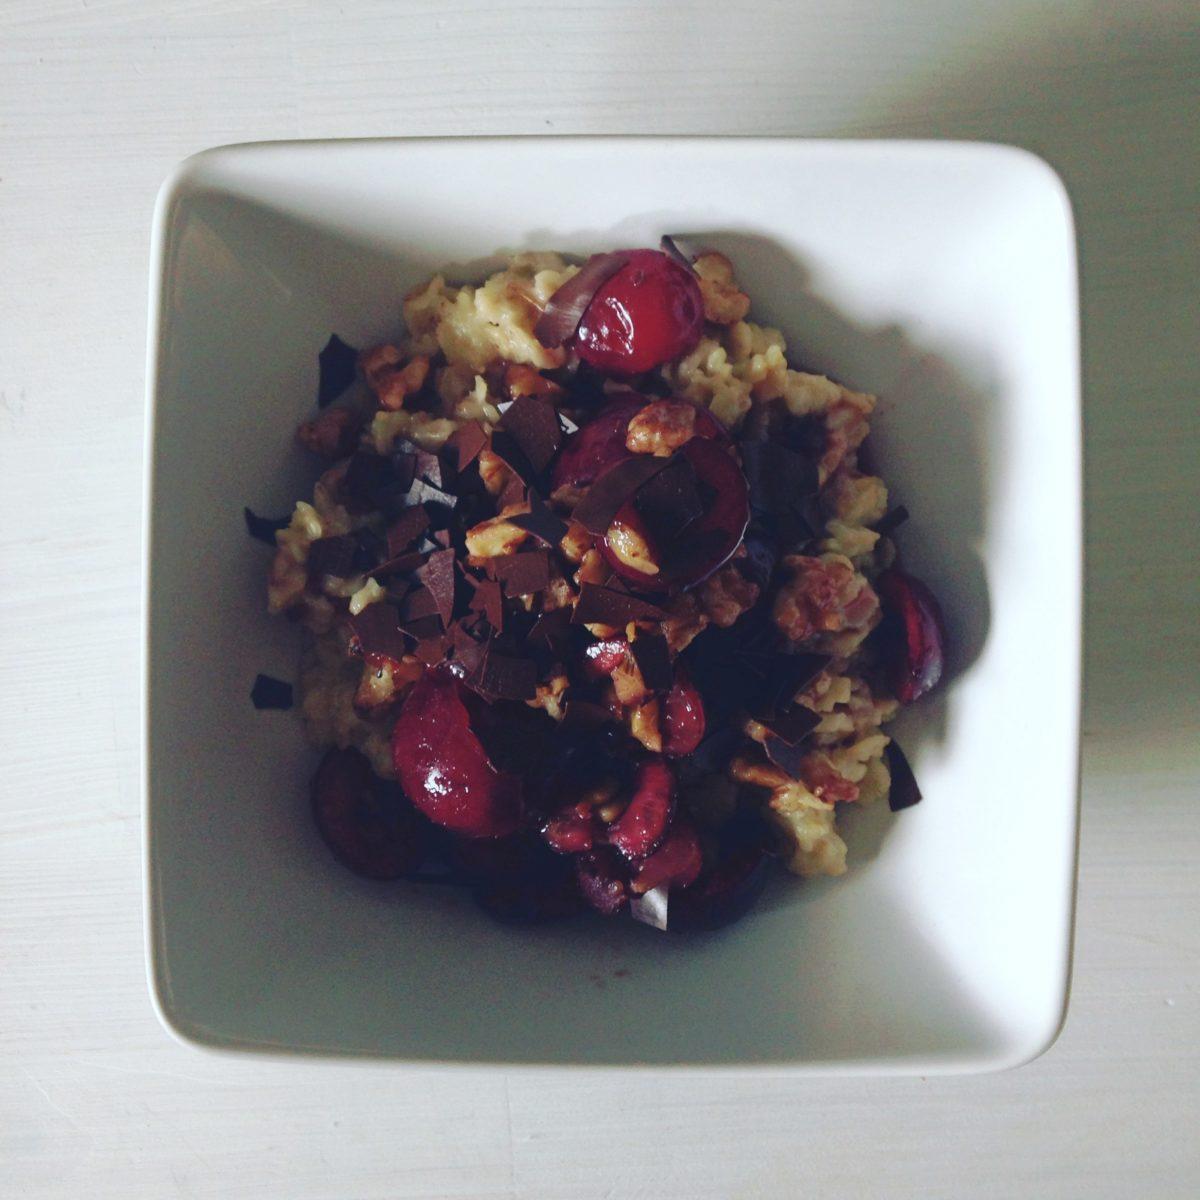 Inspiration aus dem Schwarzwald: Porridge mit Kirschen, Konfitüre und Walnüssen